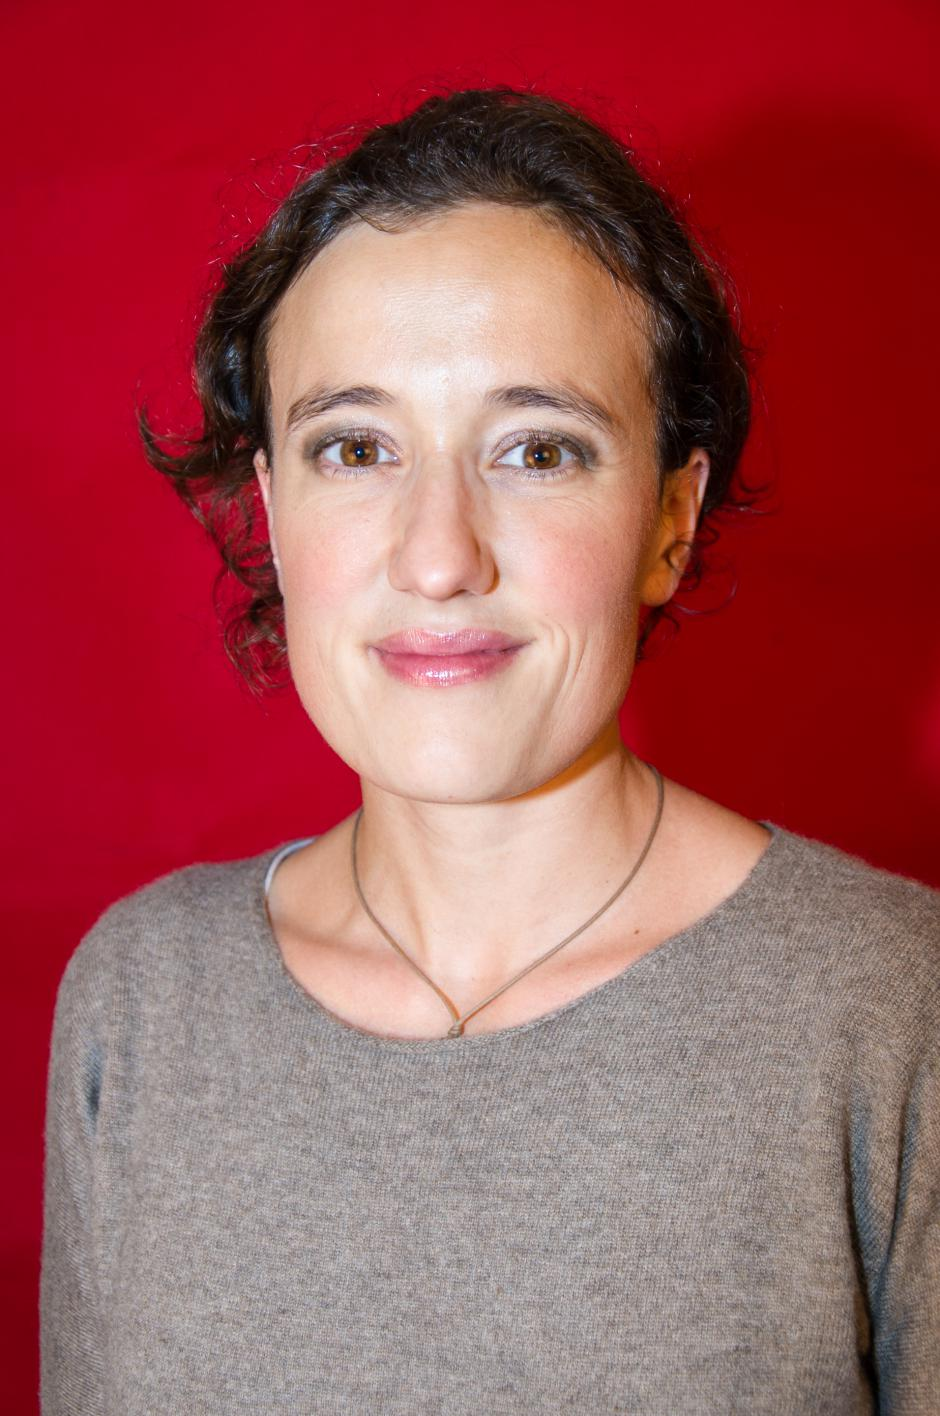 Emilie Germain Vedrenne